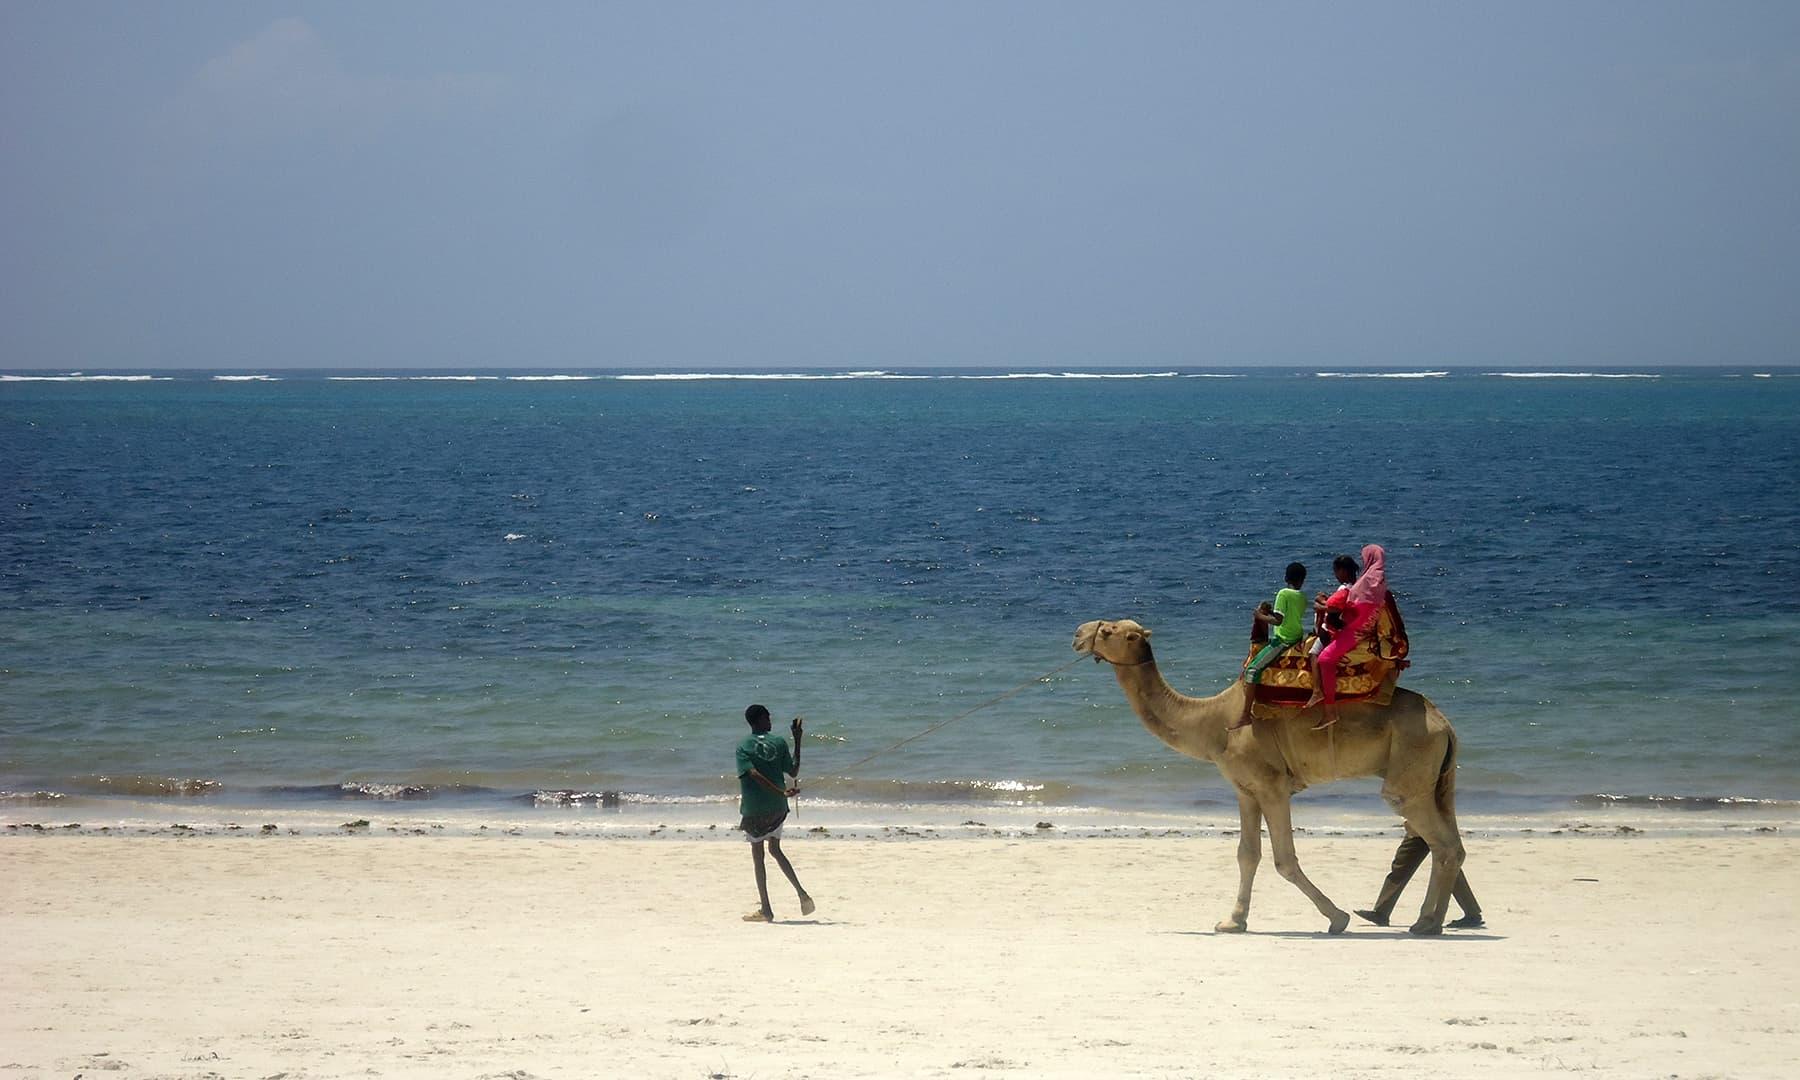 ممباسا کے ساحل پر مقامی لوگ اونٹ کی سواری سے محظوظ ہورہے ہیں— فوٹو عظمت اکبر